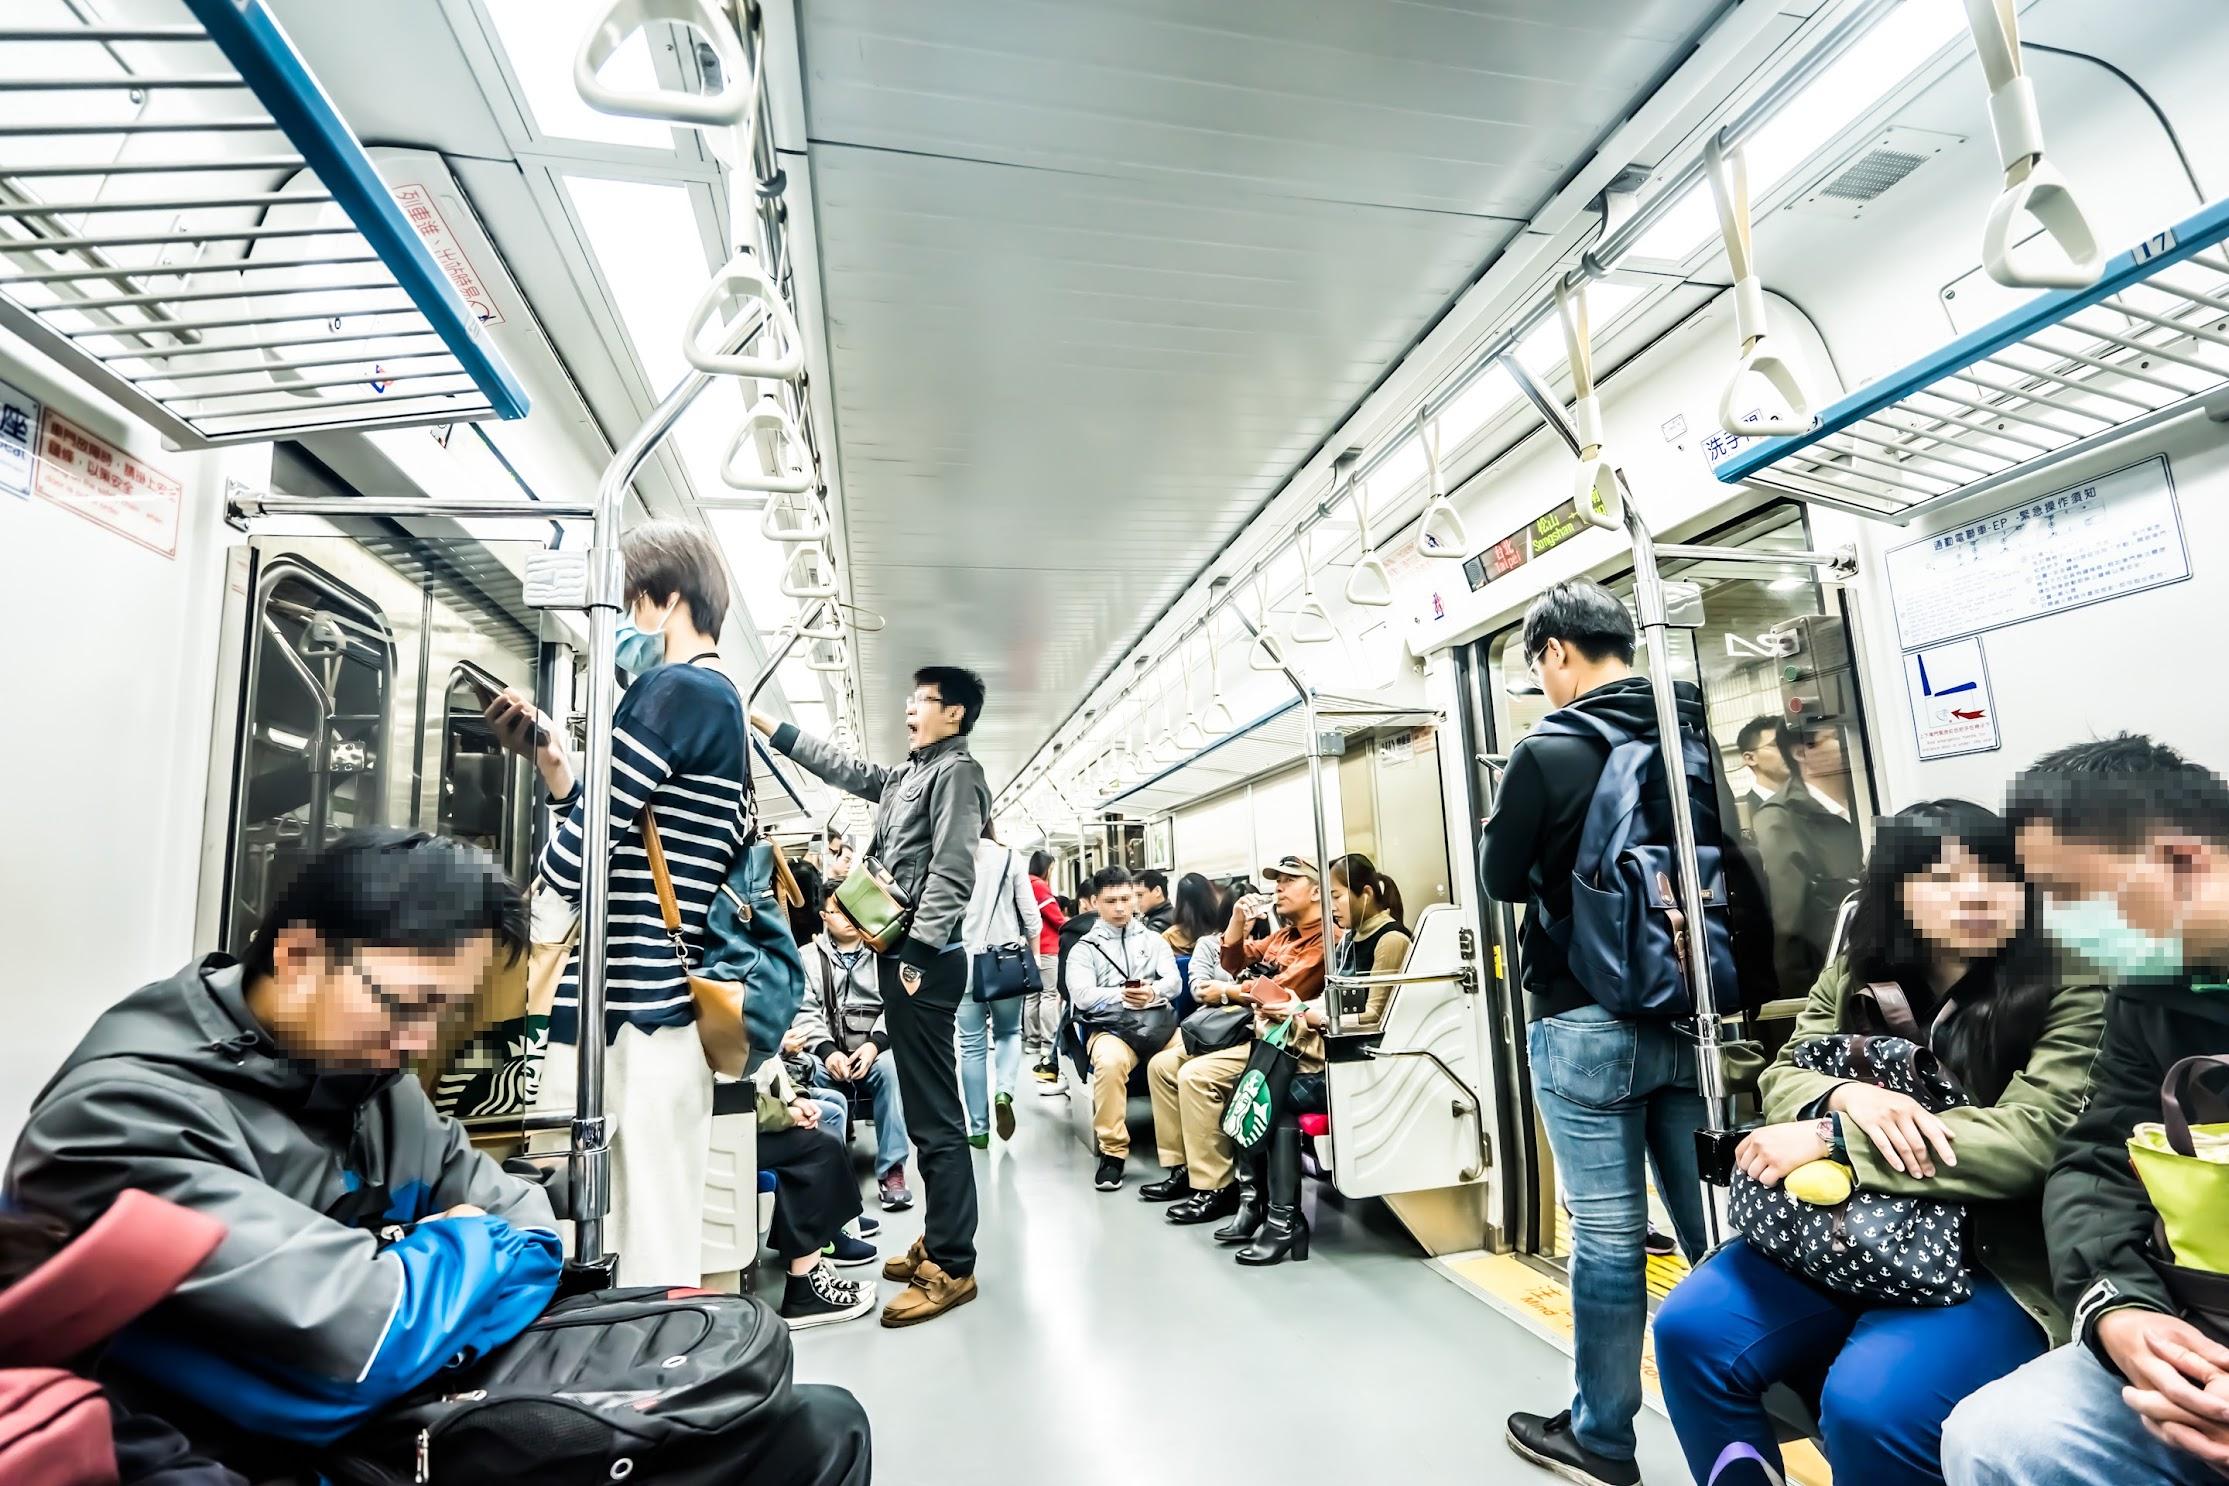 台灣鐵路(台湾鉄道) 區間車